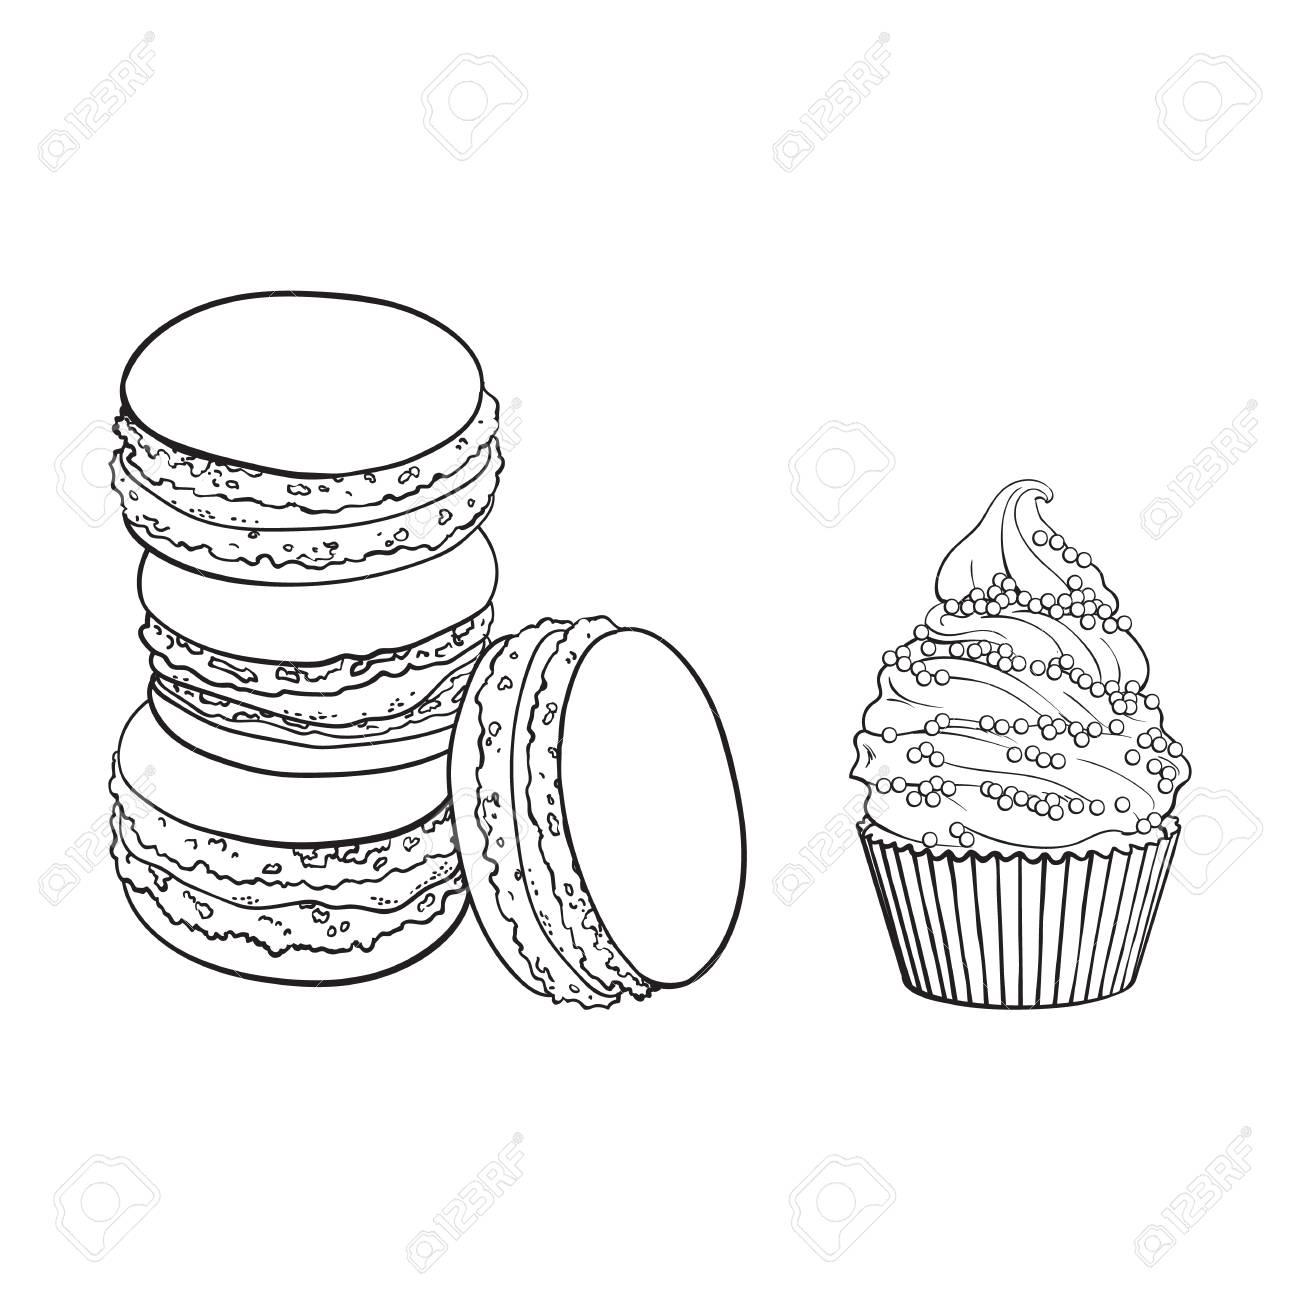 Contour Noir Et Blanc Dessin Cupcake Dessiné à La Main Croquis Vectoriels Macaronis Illustration Isolée Sur Un Motif Blanc Avec Une Saveur Exotique